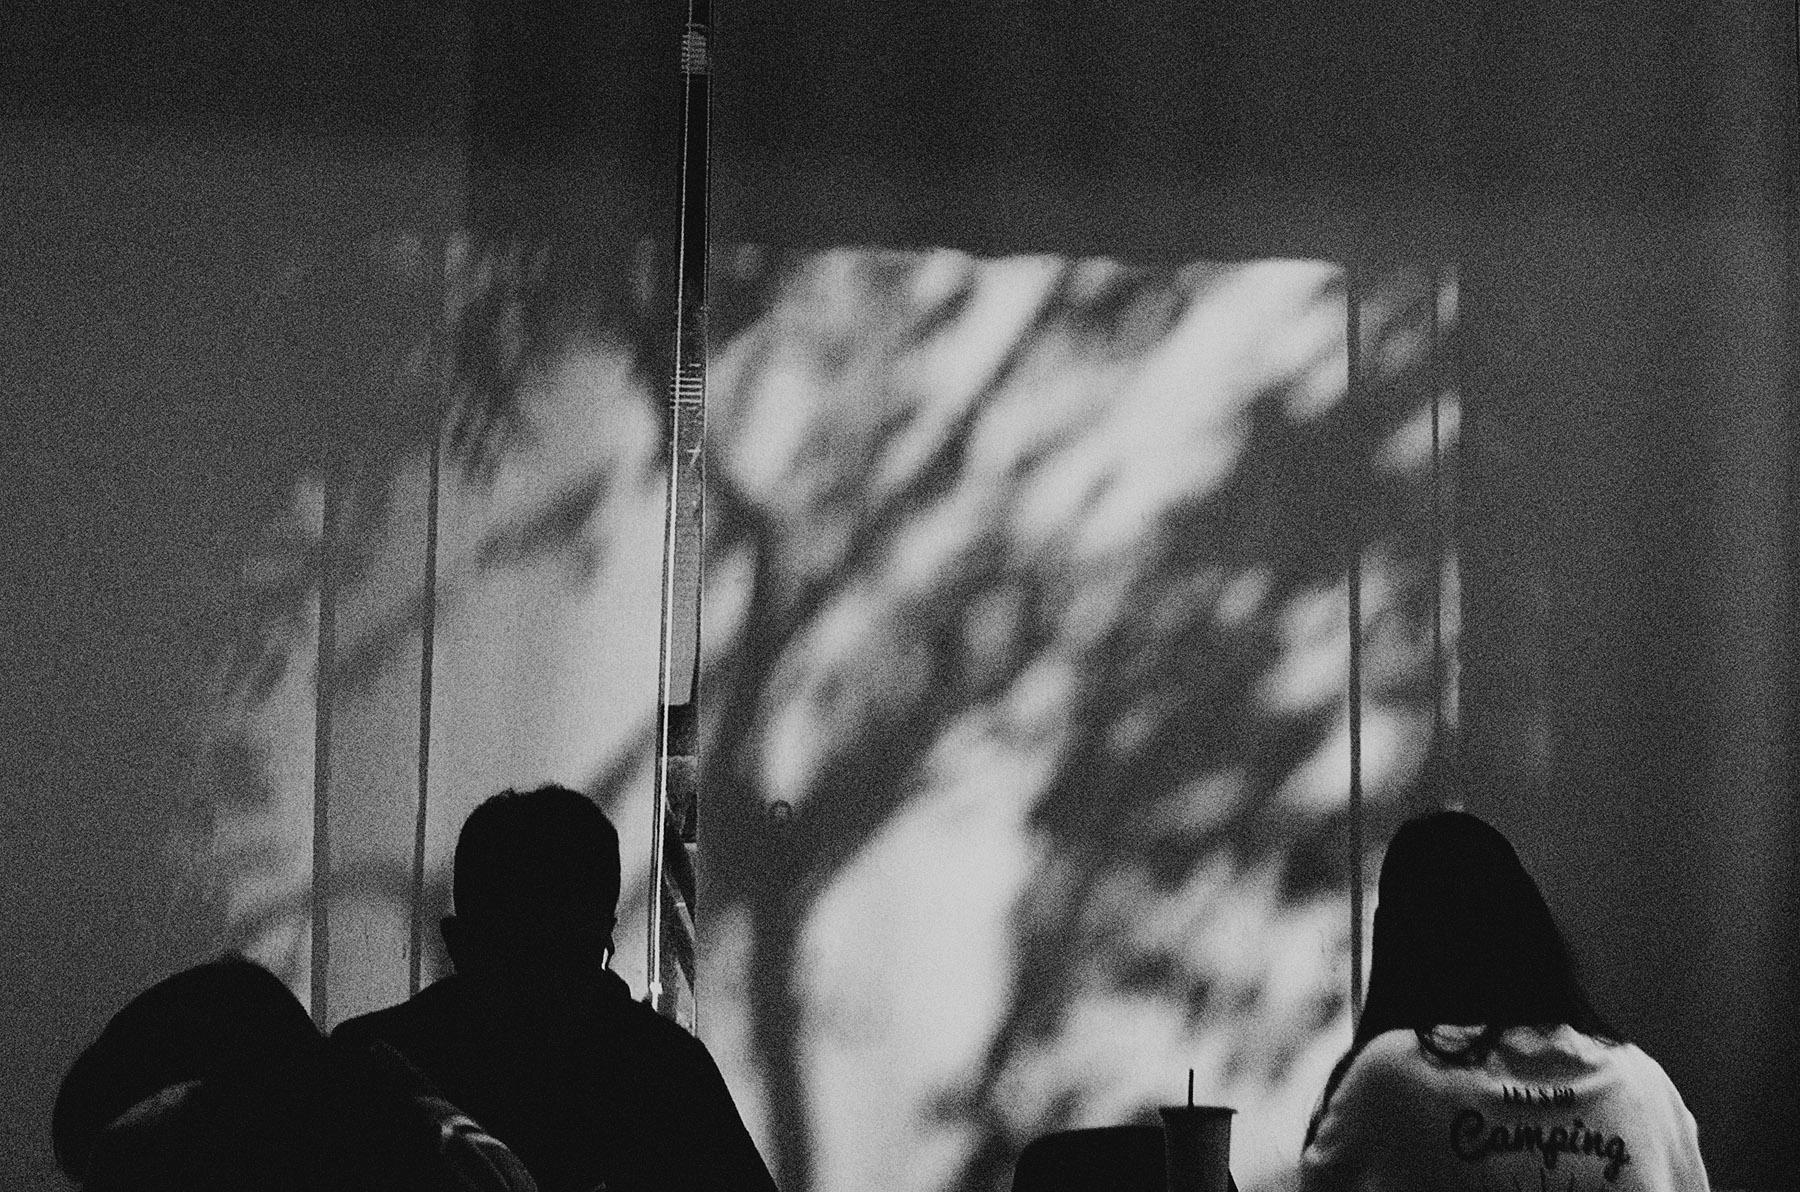 黑白照片,黑白接龍挑戰,為什麼拍黑白